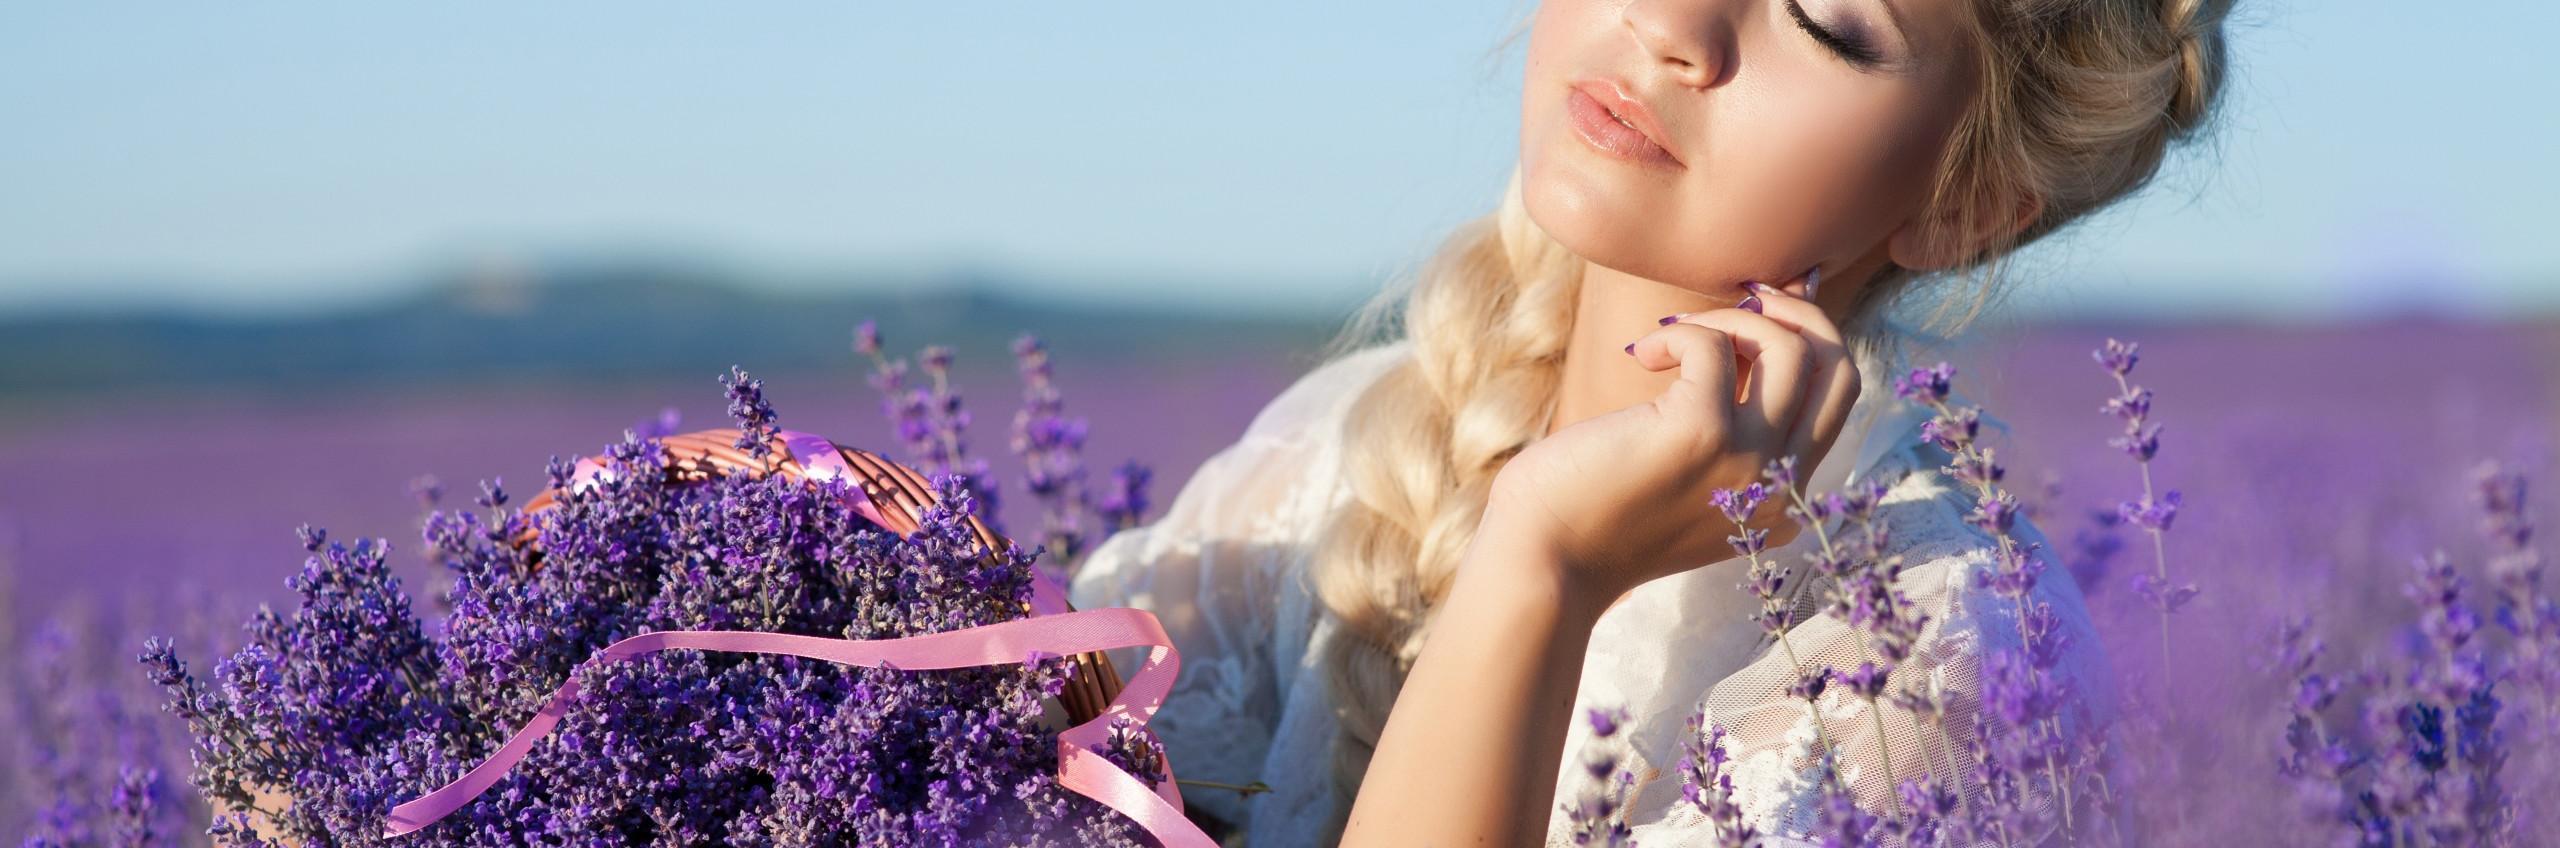 #2 beauty secret - LAVENDER